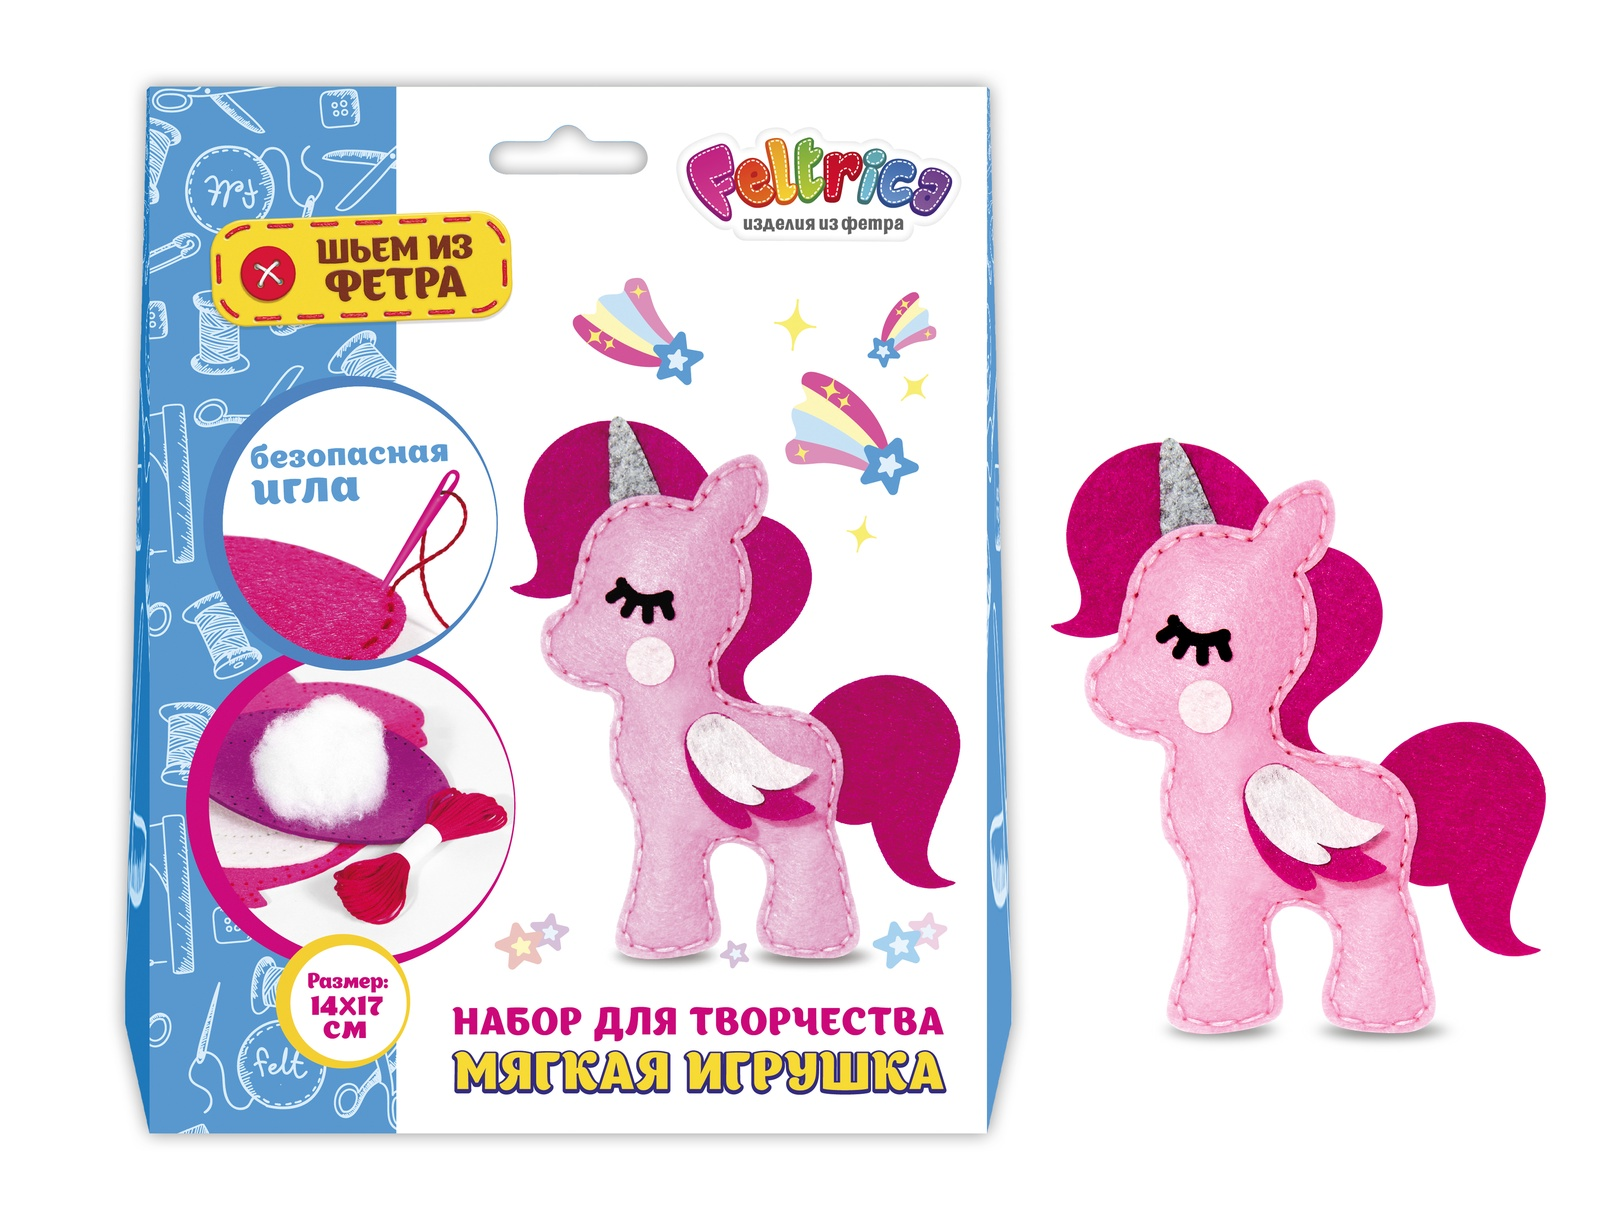 Набор для изготовления игрушки Feltrica Шьем из фетра Единорог розовый игрушки для детей единорог